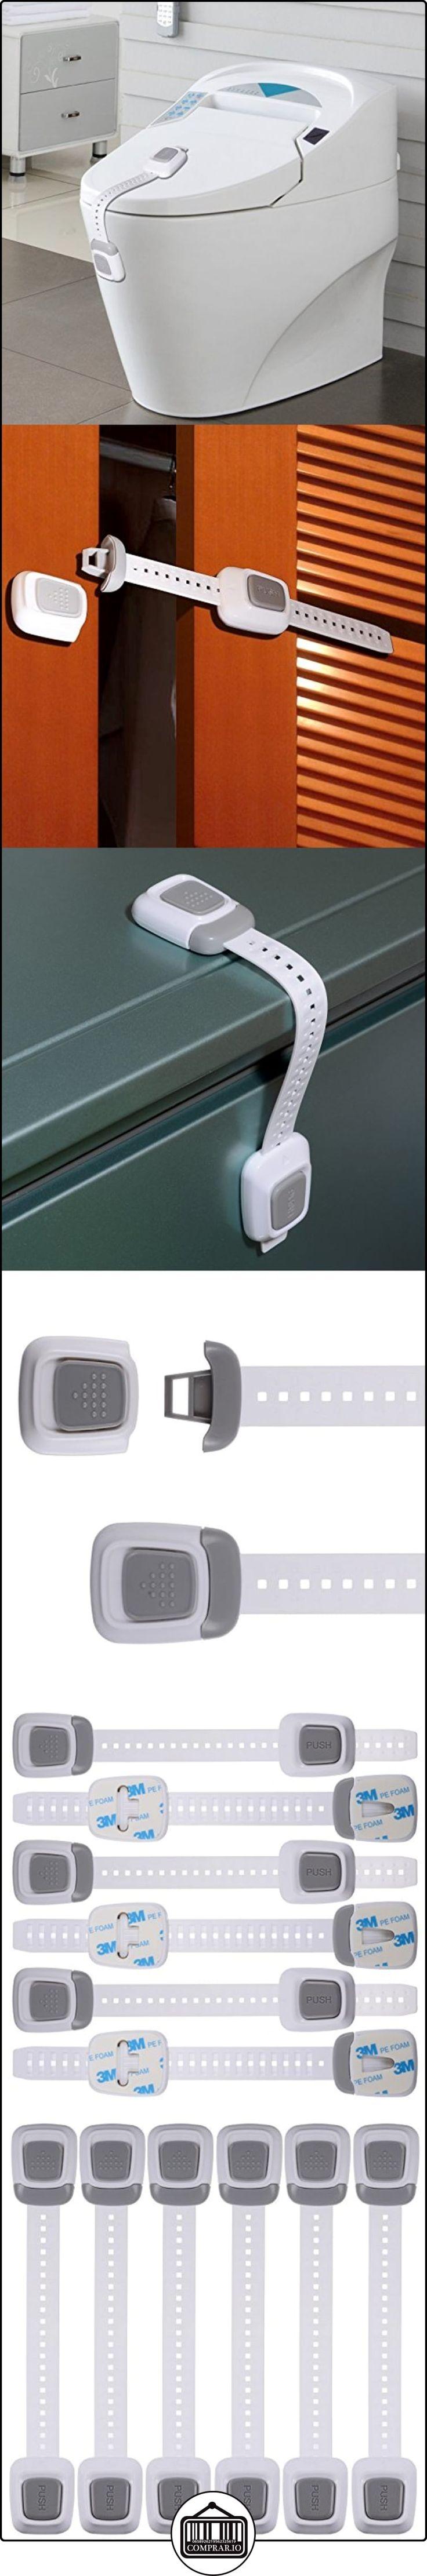 PChero 6 paquetes doble botón pulsador ajustable bebé niño seguridad cierres, cierres a prueba de bebé armarios, cajones, nevera, horno, lavavajillas, - Asiento para inodoro con tapa - no requiere herramientas o perforación  ✿ Seguridad para tu bebé - (Protege a tus hijos) ✿ ▬► Ver oferta: http://comprar.io/goto/B01KZJ55LO